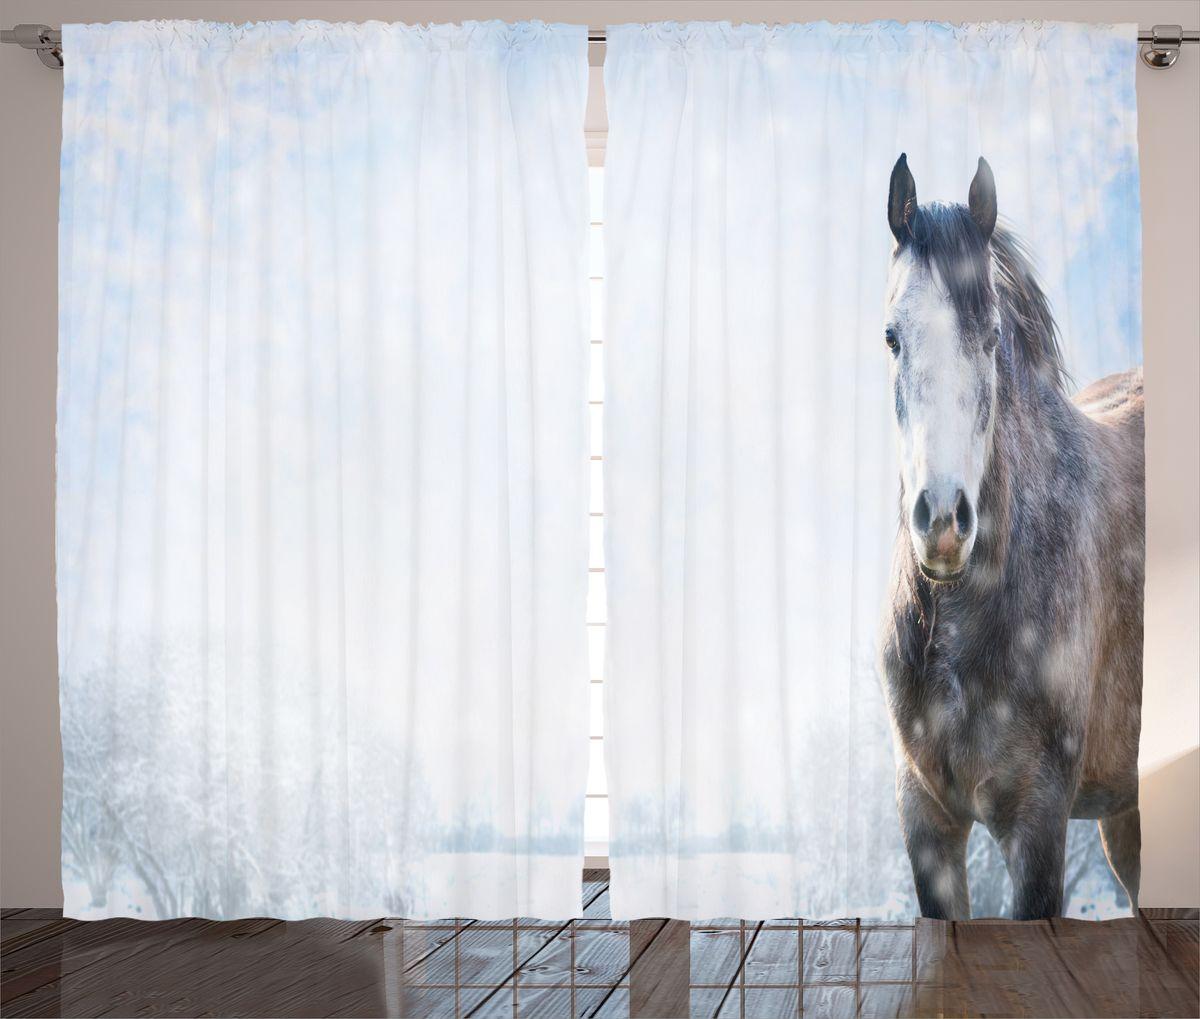 Комплект фотоштор Magic Lady Лошадь на заснеженном лугу, на ленте, высота 265 см. шсг_14897шсг_14897Компания Сэмболь изготавливает шторы из высококачественного сатена (полиэстер 100%). При изготовлении используются специальные гипоаллергенные чернила для прямой печати по ткани, безопасные для человека и животных. Экологичность продукции Magic lady и безопасность для окружающей среды подтверждены сертификатом Oeko-Tex Standard 100. Крепление: крючки для крепления на шторной ленте (50 шт). Возможно крепление на трубу. Внимание! При нанесении сублимационной печати на ткань технологическим методом при температуре 240°С, возможно отклонение полученных размеров (указанных на этикетке и сайте) от стандартных на + - 3-5 см. Производитель старается максимально точно передать цвета изделия на фотографиях, однако искажения неизбежны и фактический цвет изделия может отличаться от воспринимаемого по фото. Обратите внимание! Шторы изготовлены из полиэстра сатенового переплетения, а не из сатина (хлопок). Размер одного полотна шторы: 145х265 см. В комплекте 2...